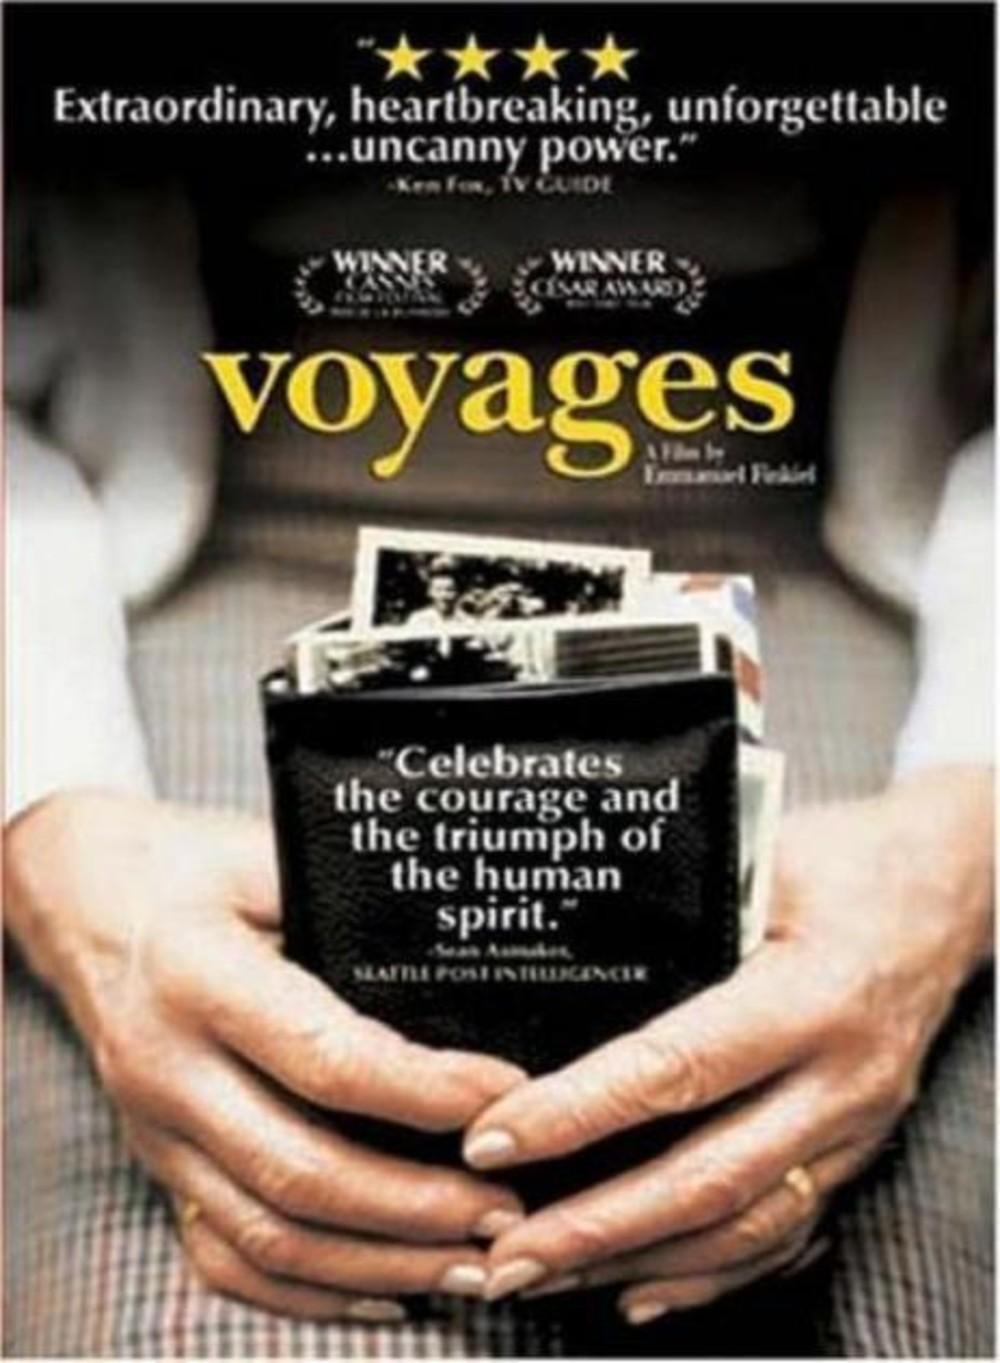 Voyages, de Emmanuel Finkiel